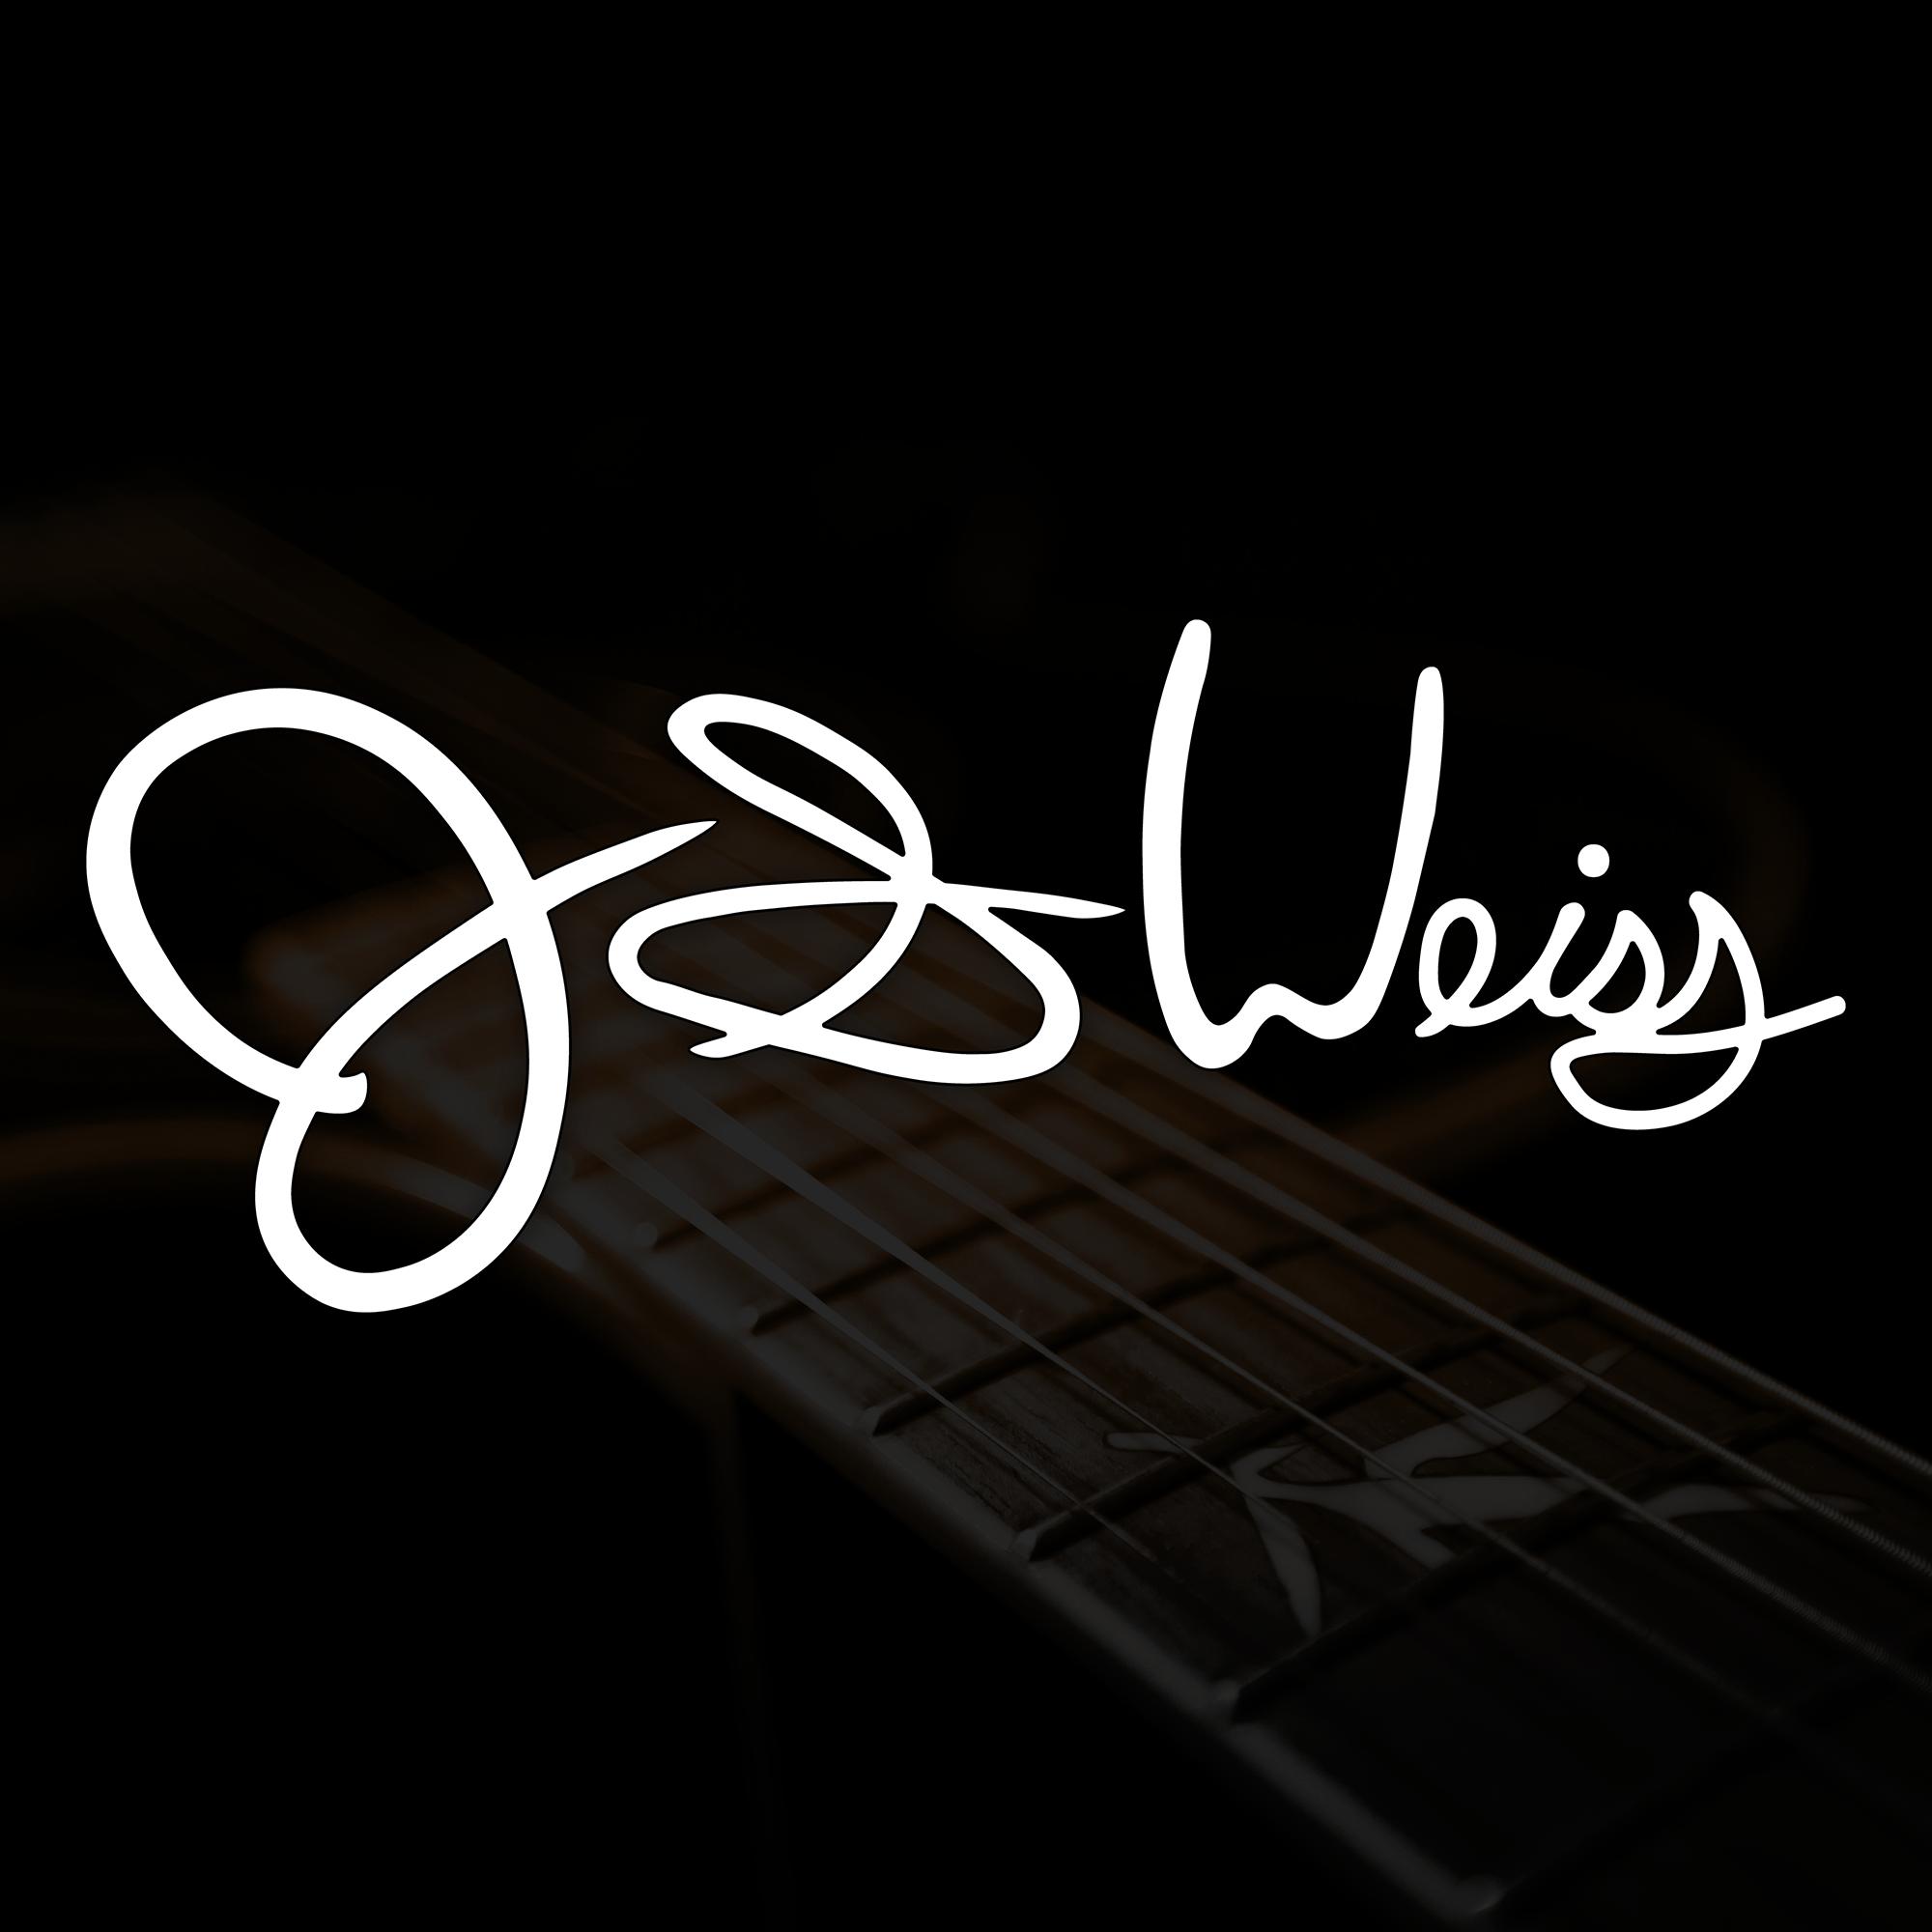 Josiah Weiss